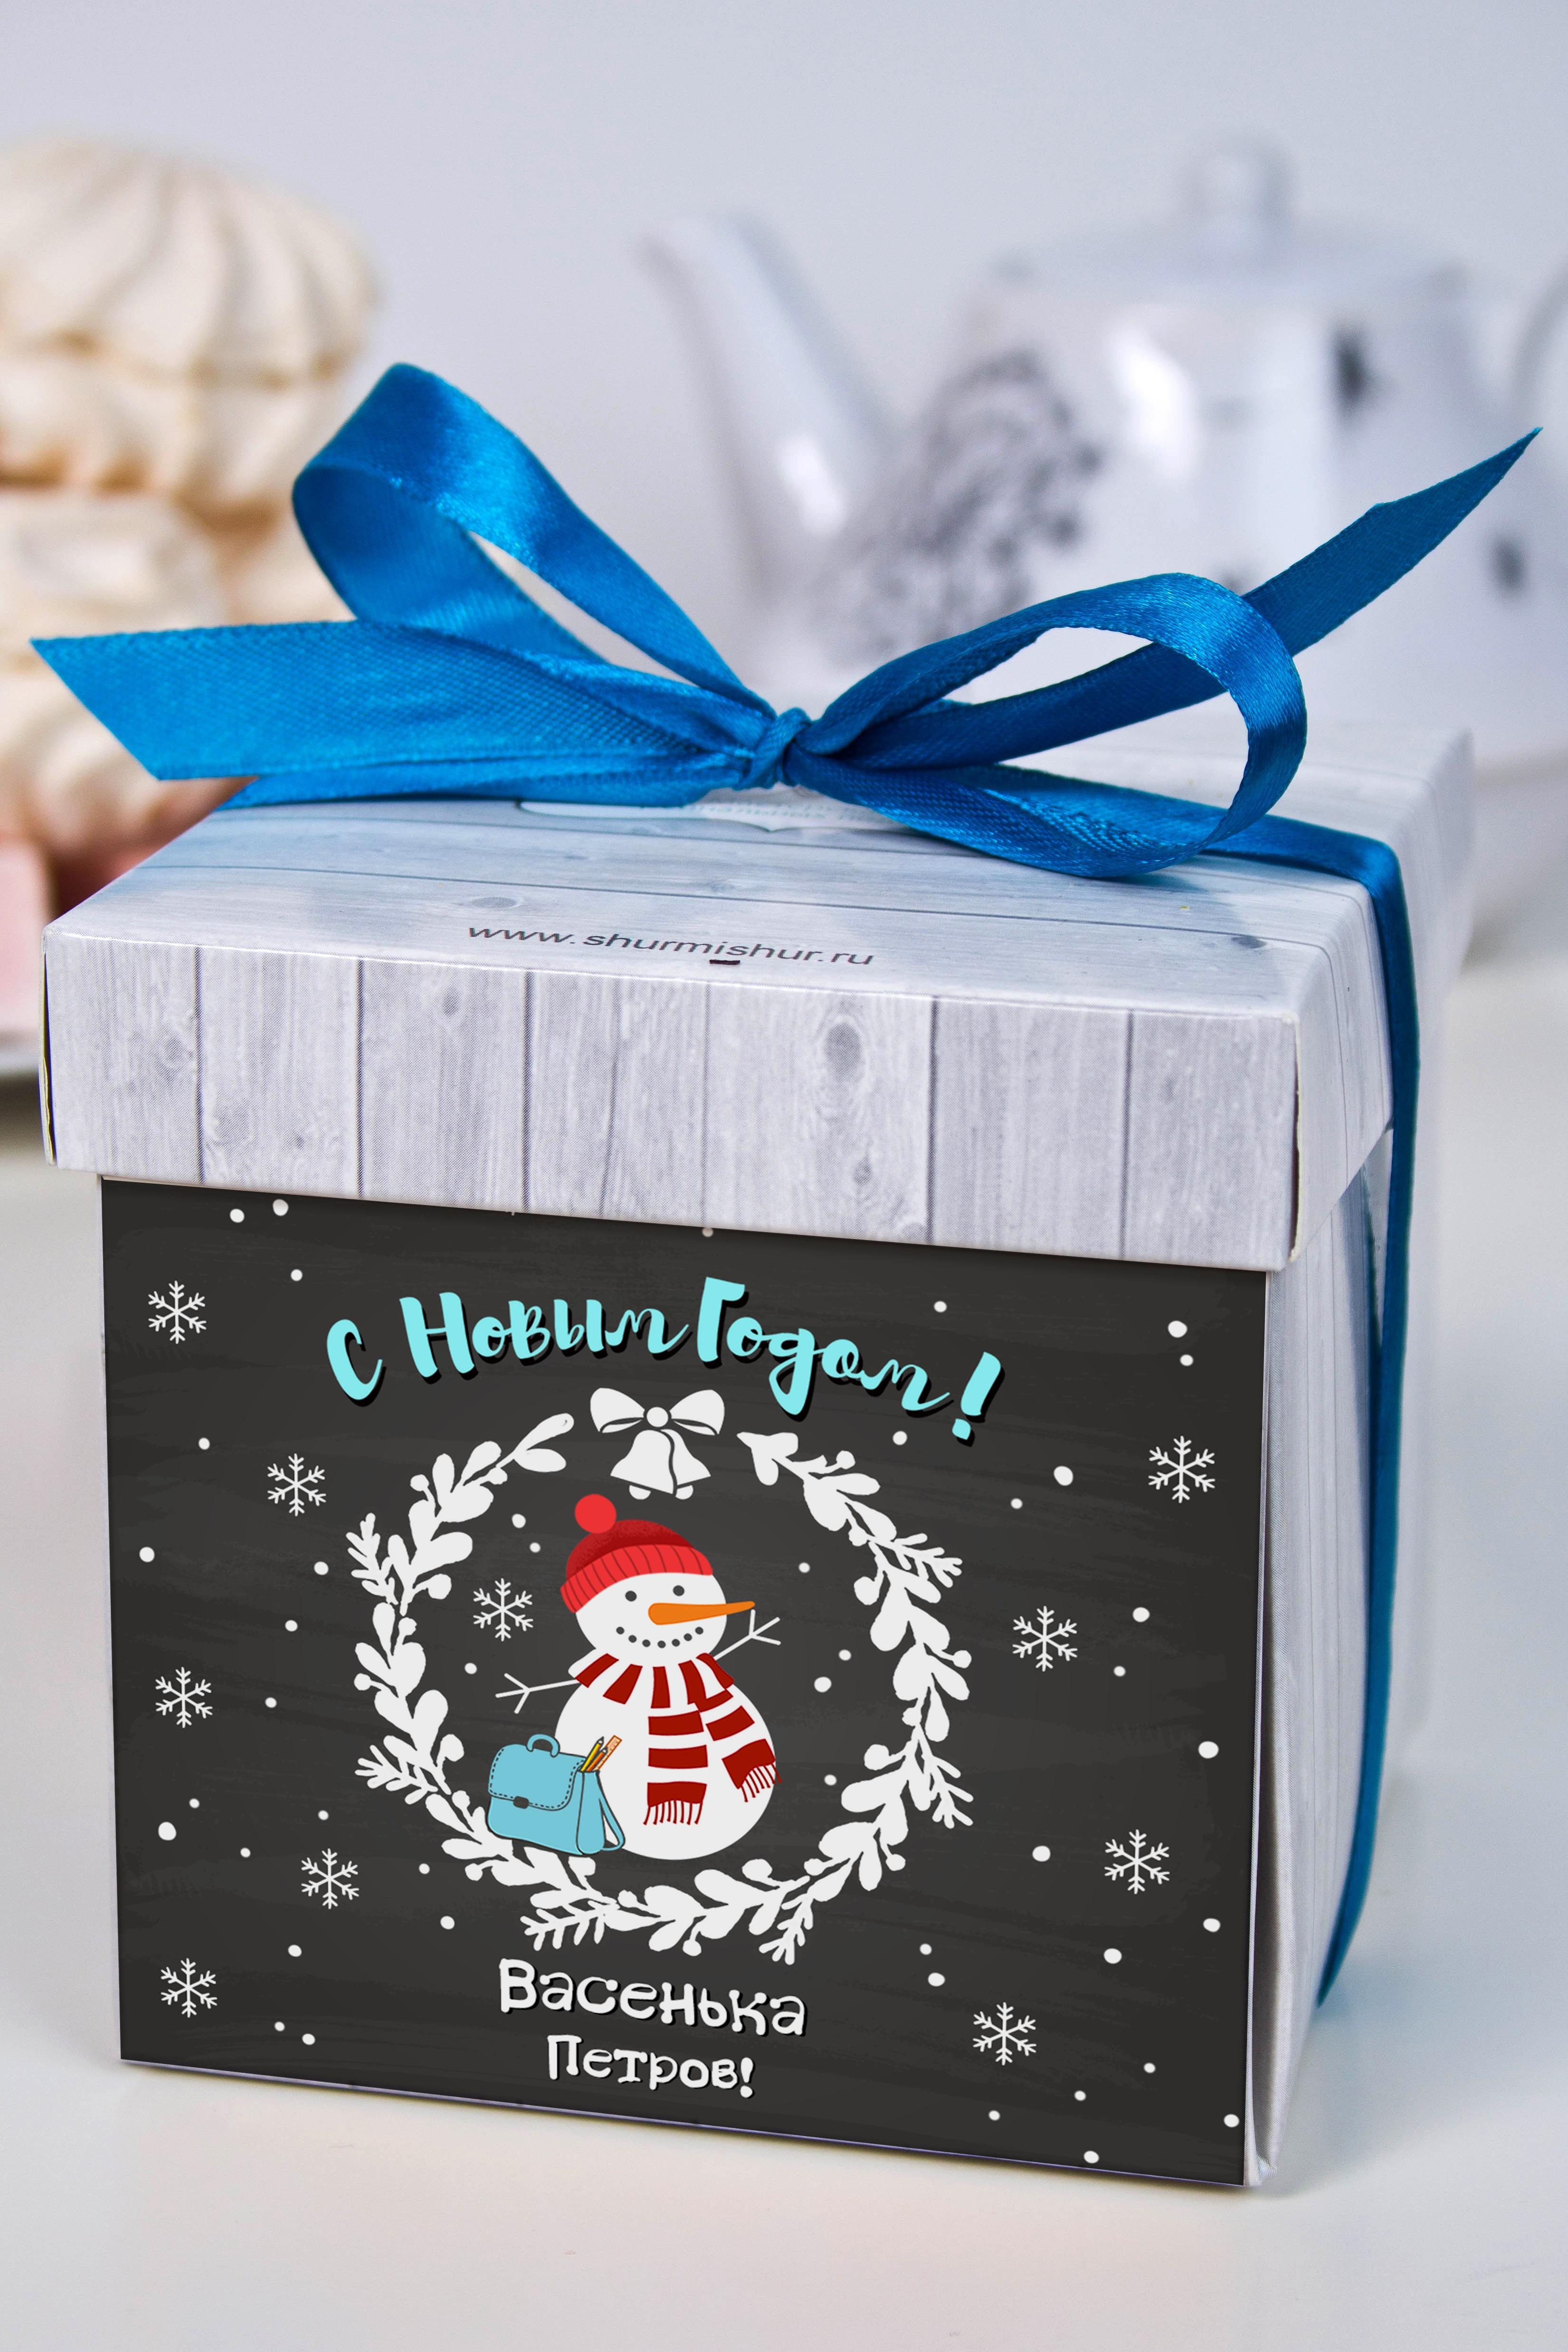 Печенье с предсказанием именное Чудесное времяСувениры и упаковка<br>Порадуйте близкого вам человека необычным, а главное вкусным подарком. В каждом печенье можно найти индивидуальное предсказание. В упаковке - 5 шт. Размер коробки: 10х10х10см<br>